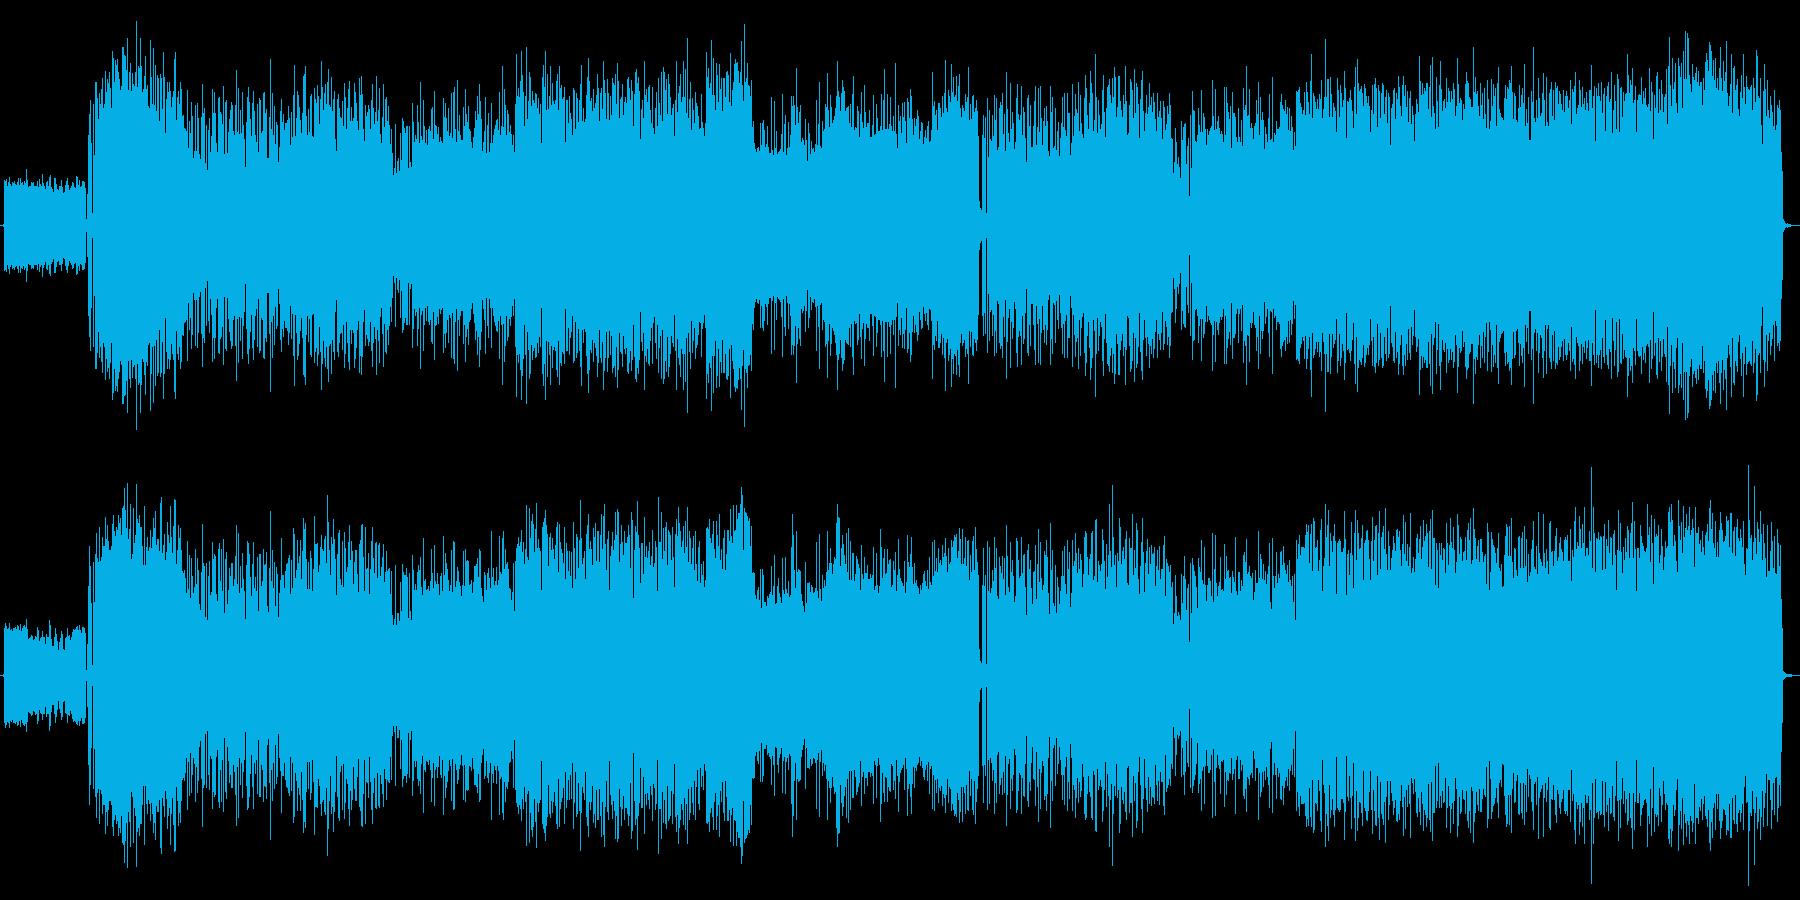 女声ボーカルのパワフルなロックの再生済みの波形